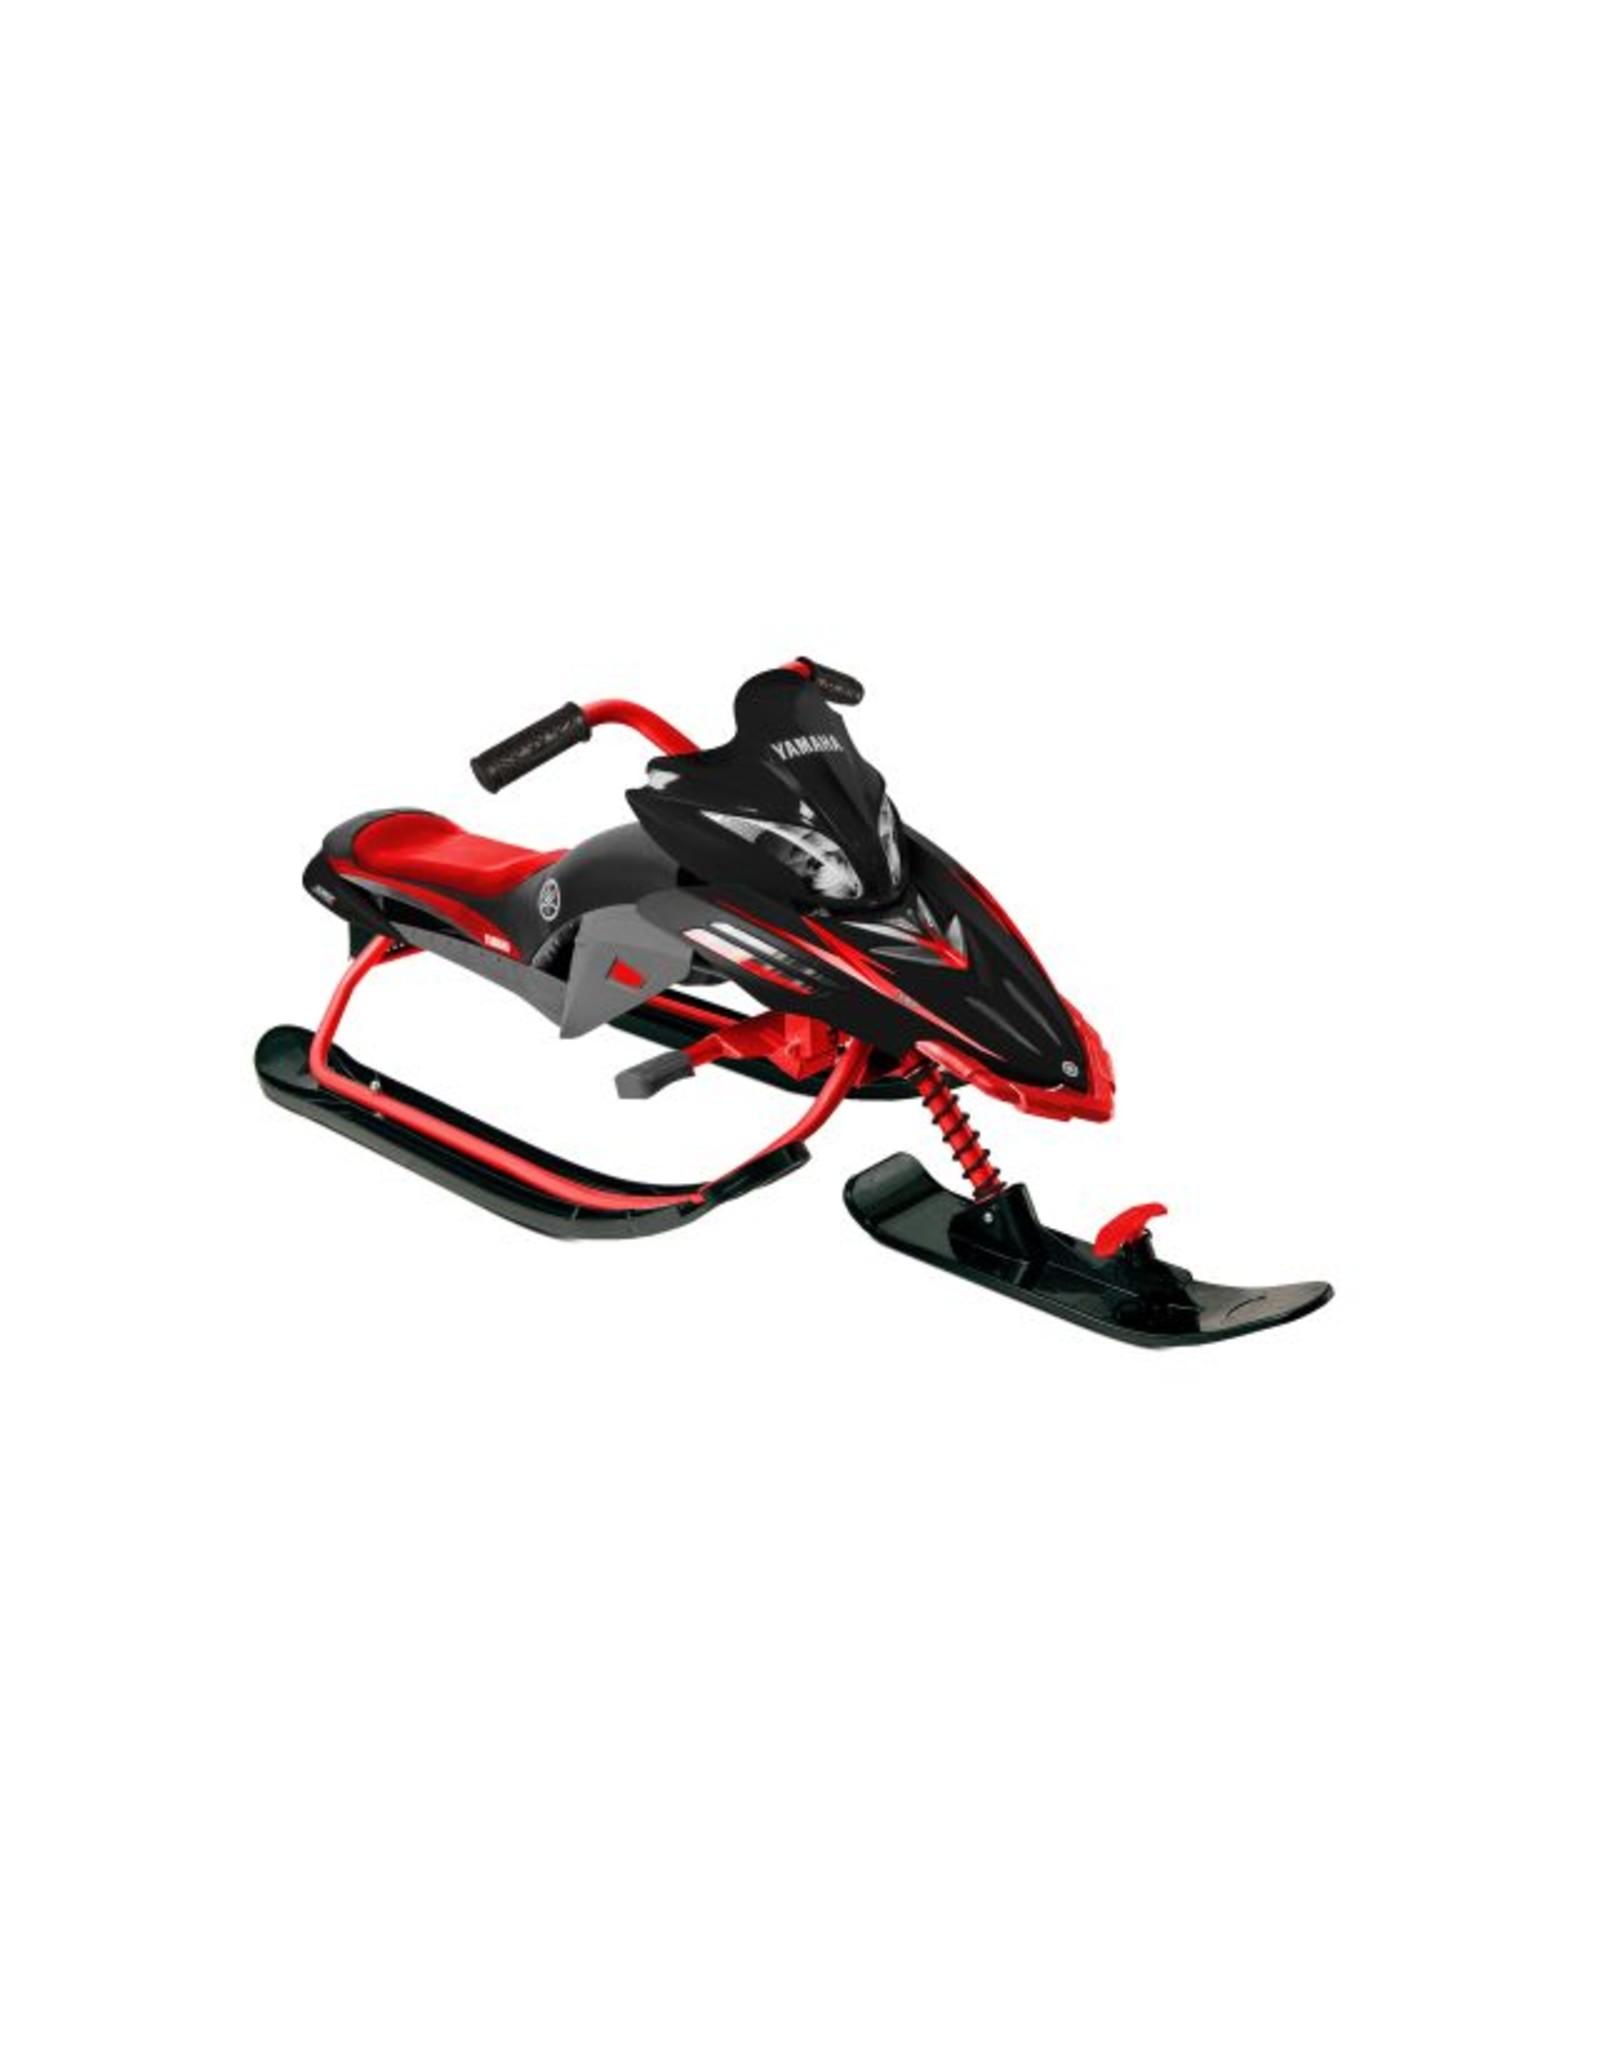 Hebor Watersport Yamaha | Kids Sneeuwscooter/slee Apex replica Rood